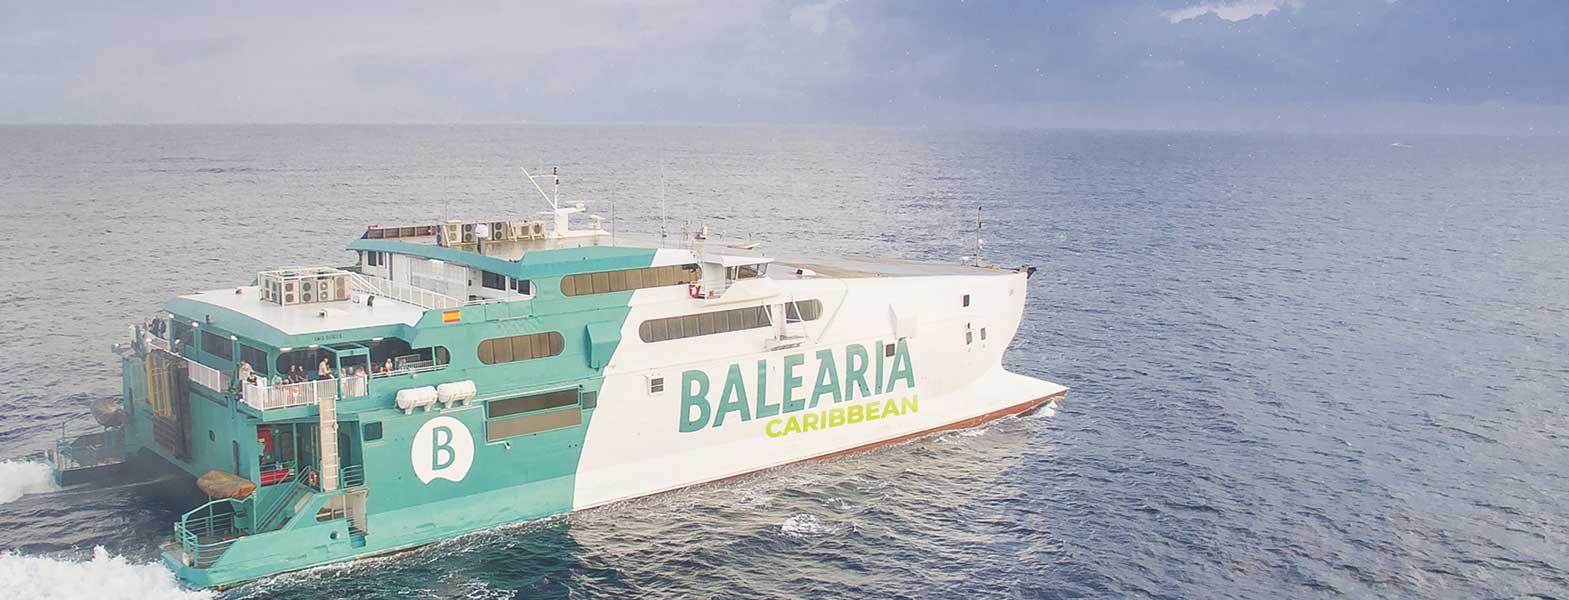 Boat from Miami to Bahamas